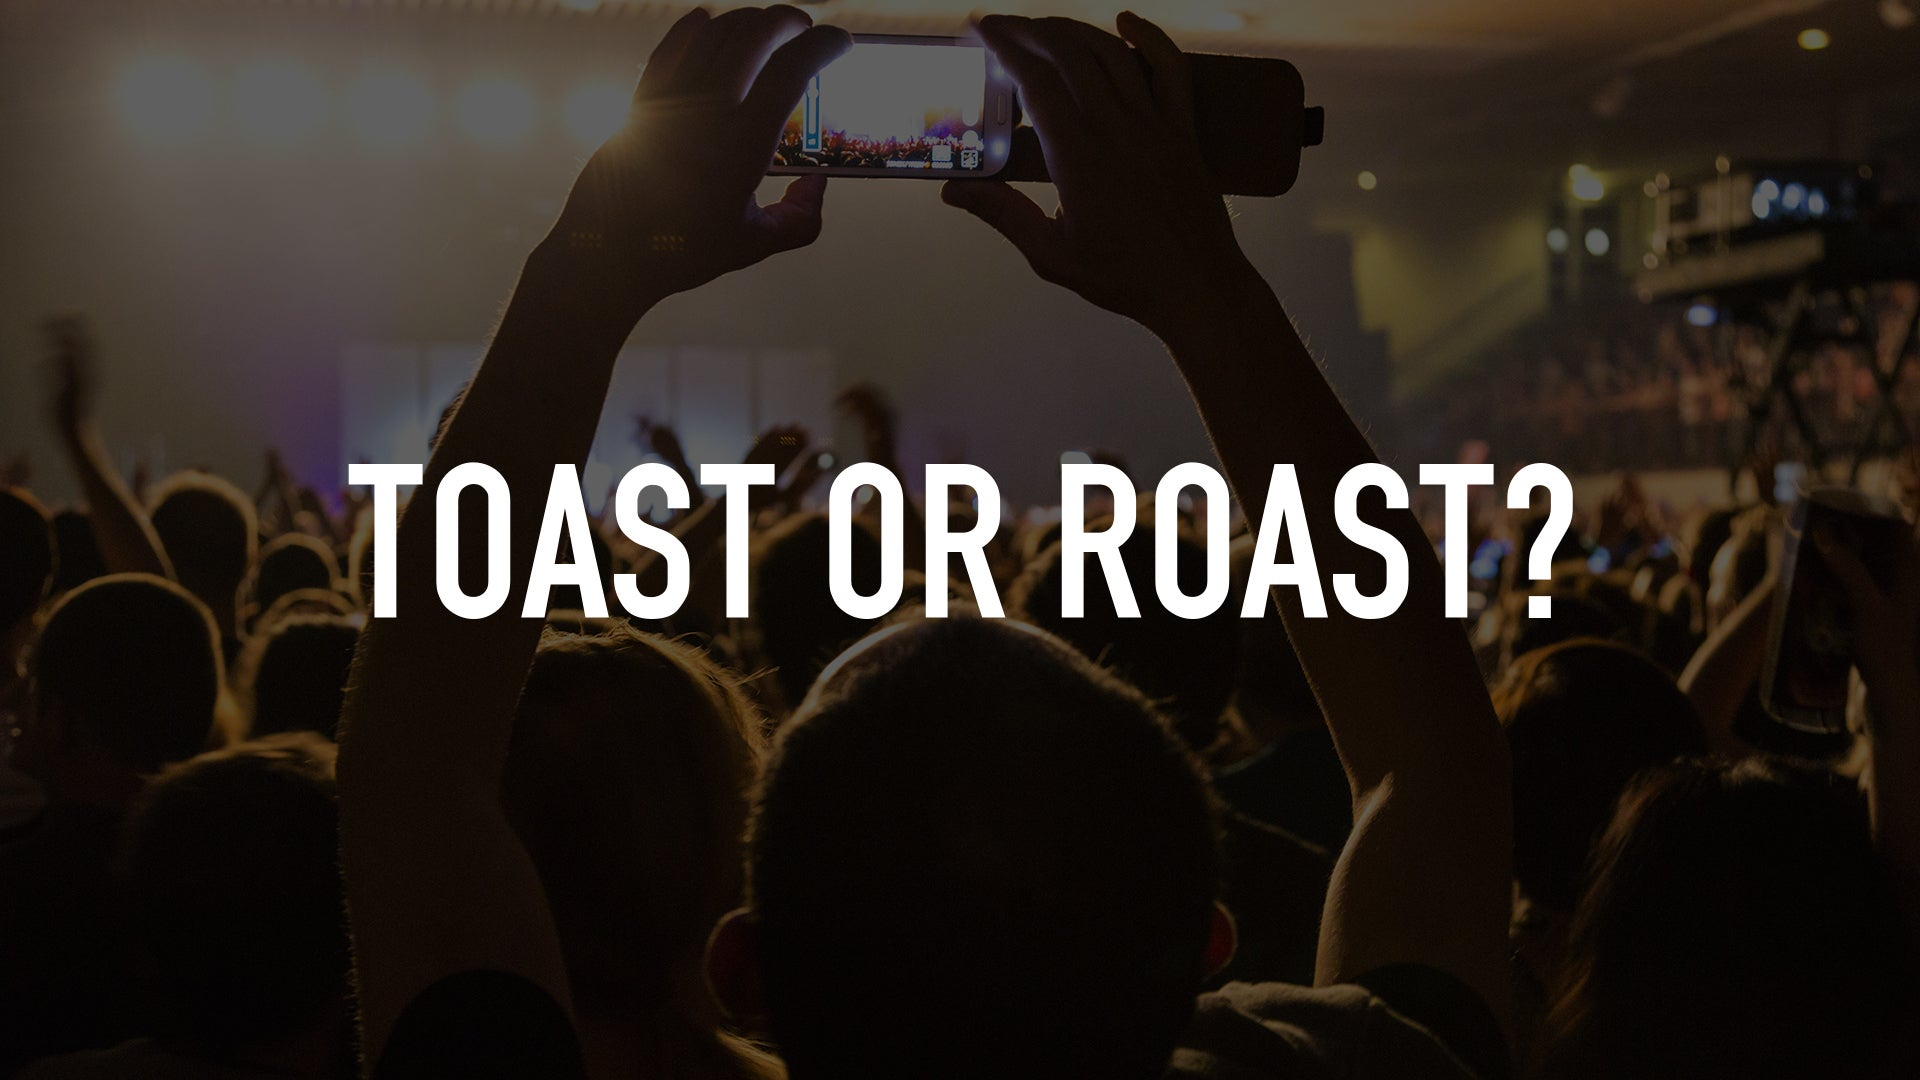 Toast or Roast?